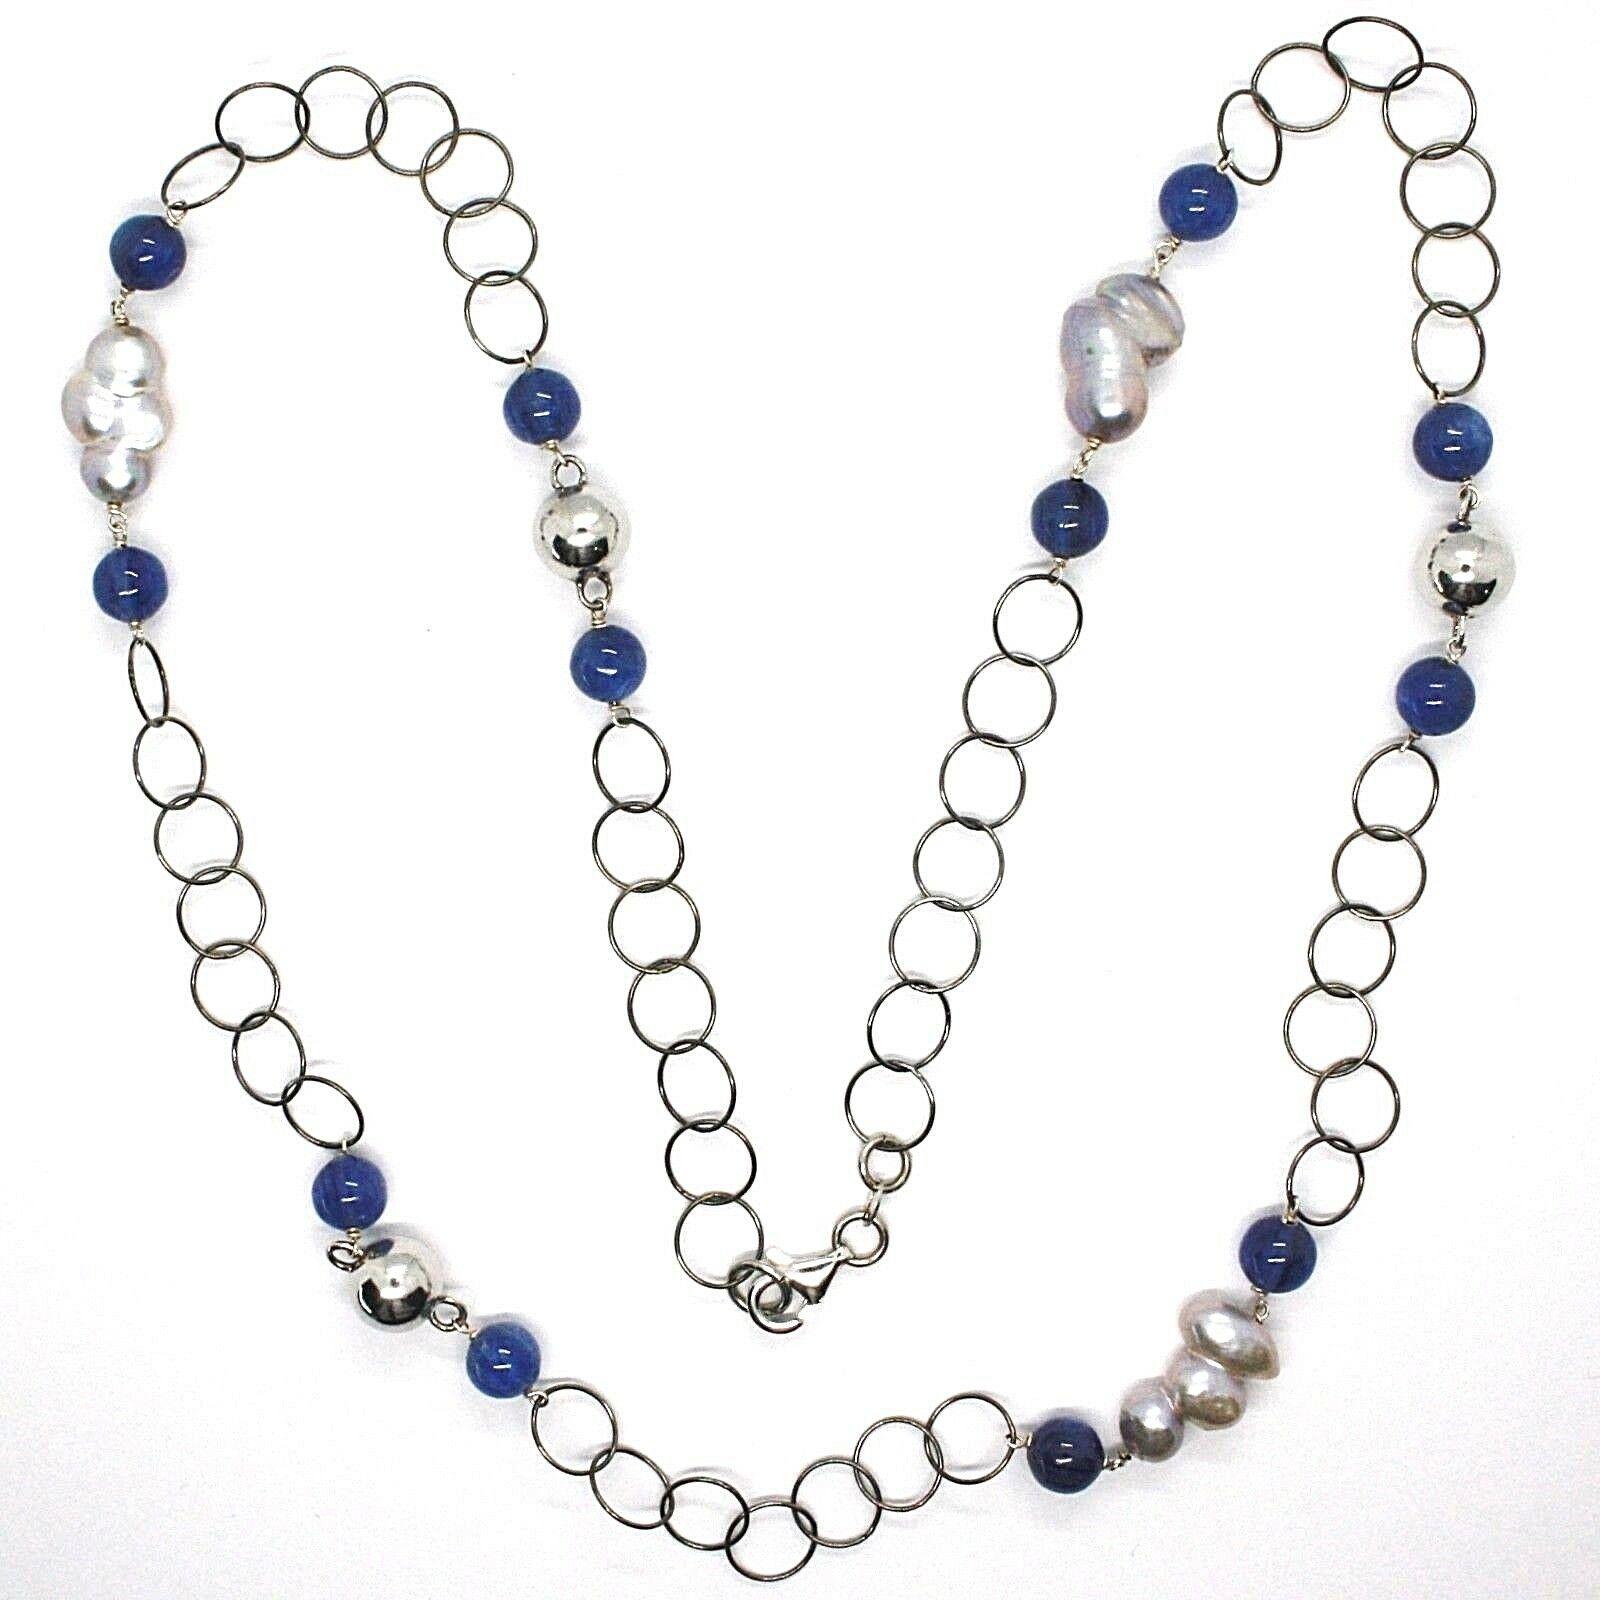 Collier Argent 925, Cyanite Bleu Rondes, Perles Style Baroque Grises, 72 CM